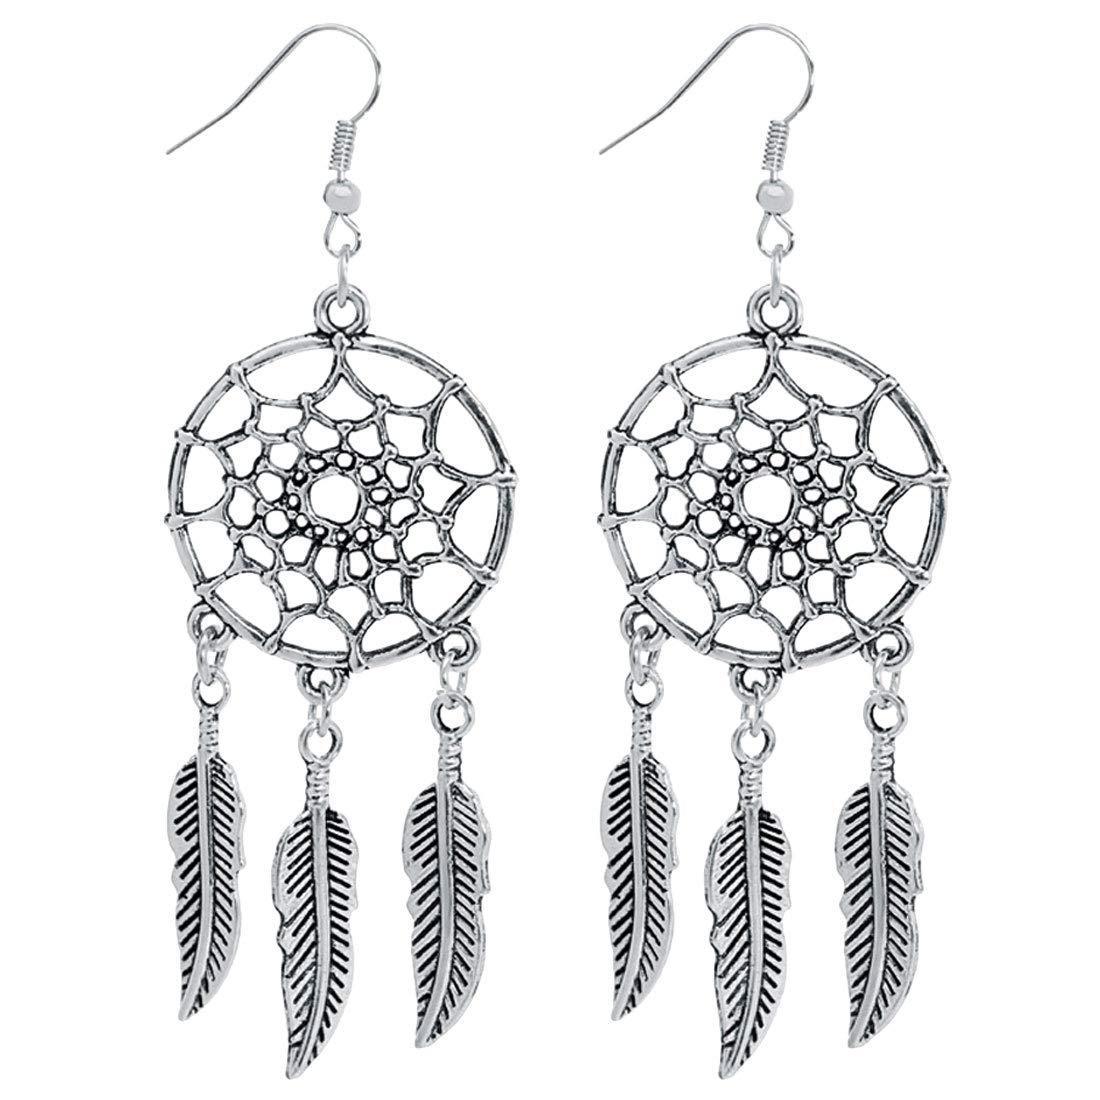 1 Pair Fashion Earrings Shiny Drop Design Long Pendant Earrings Women/Girls ChenYao-Swansea YHA2196